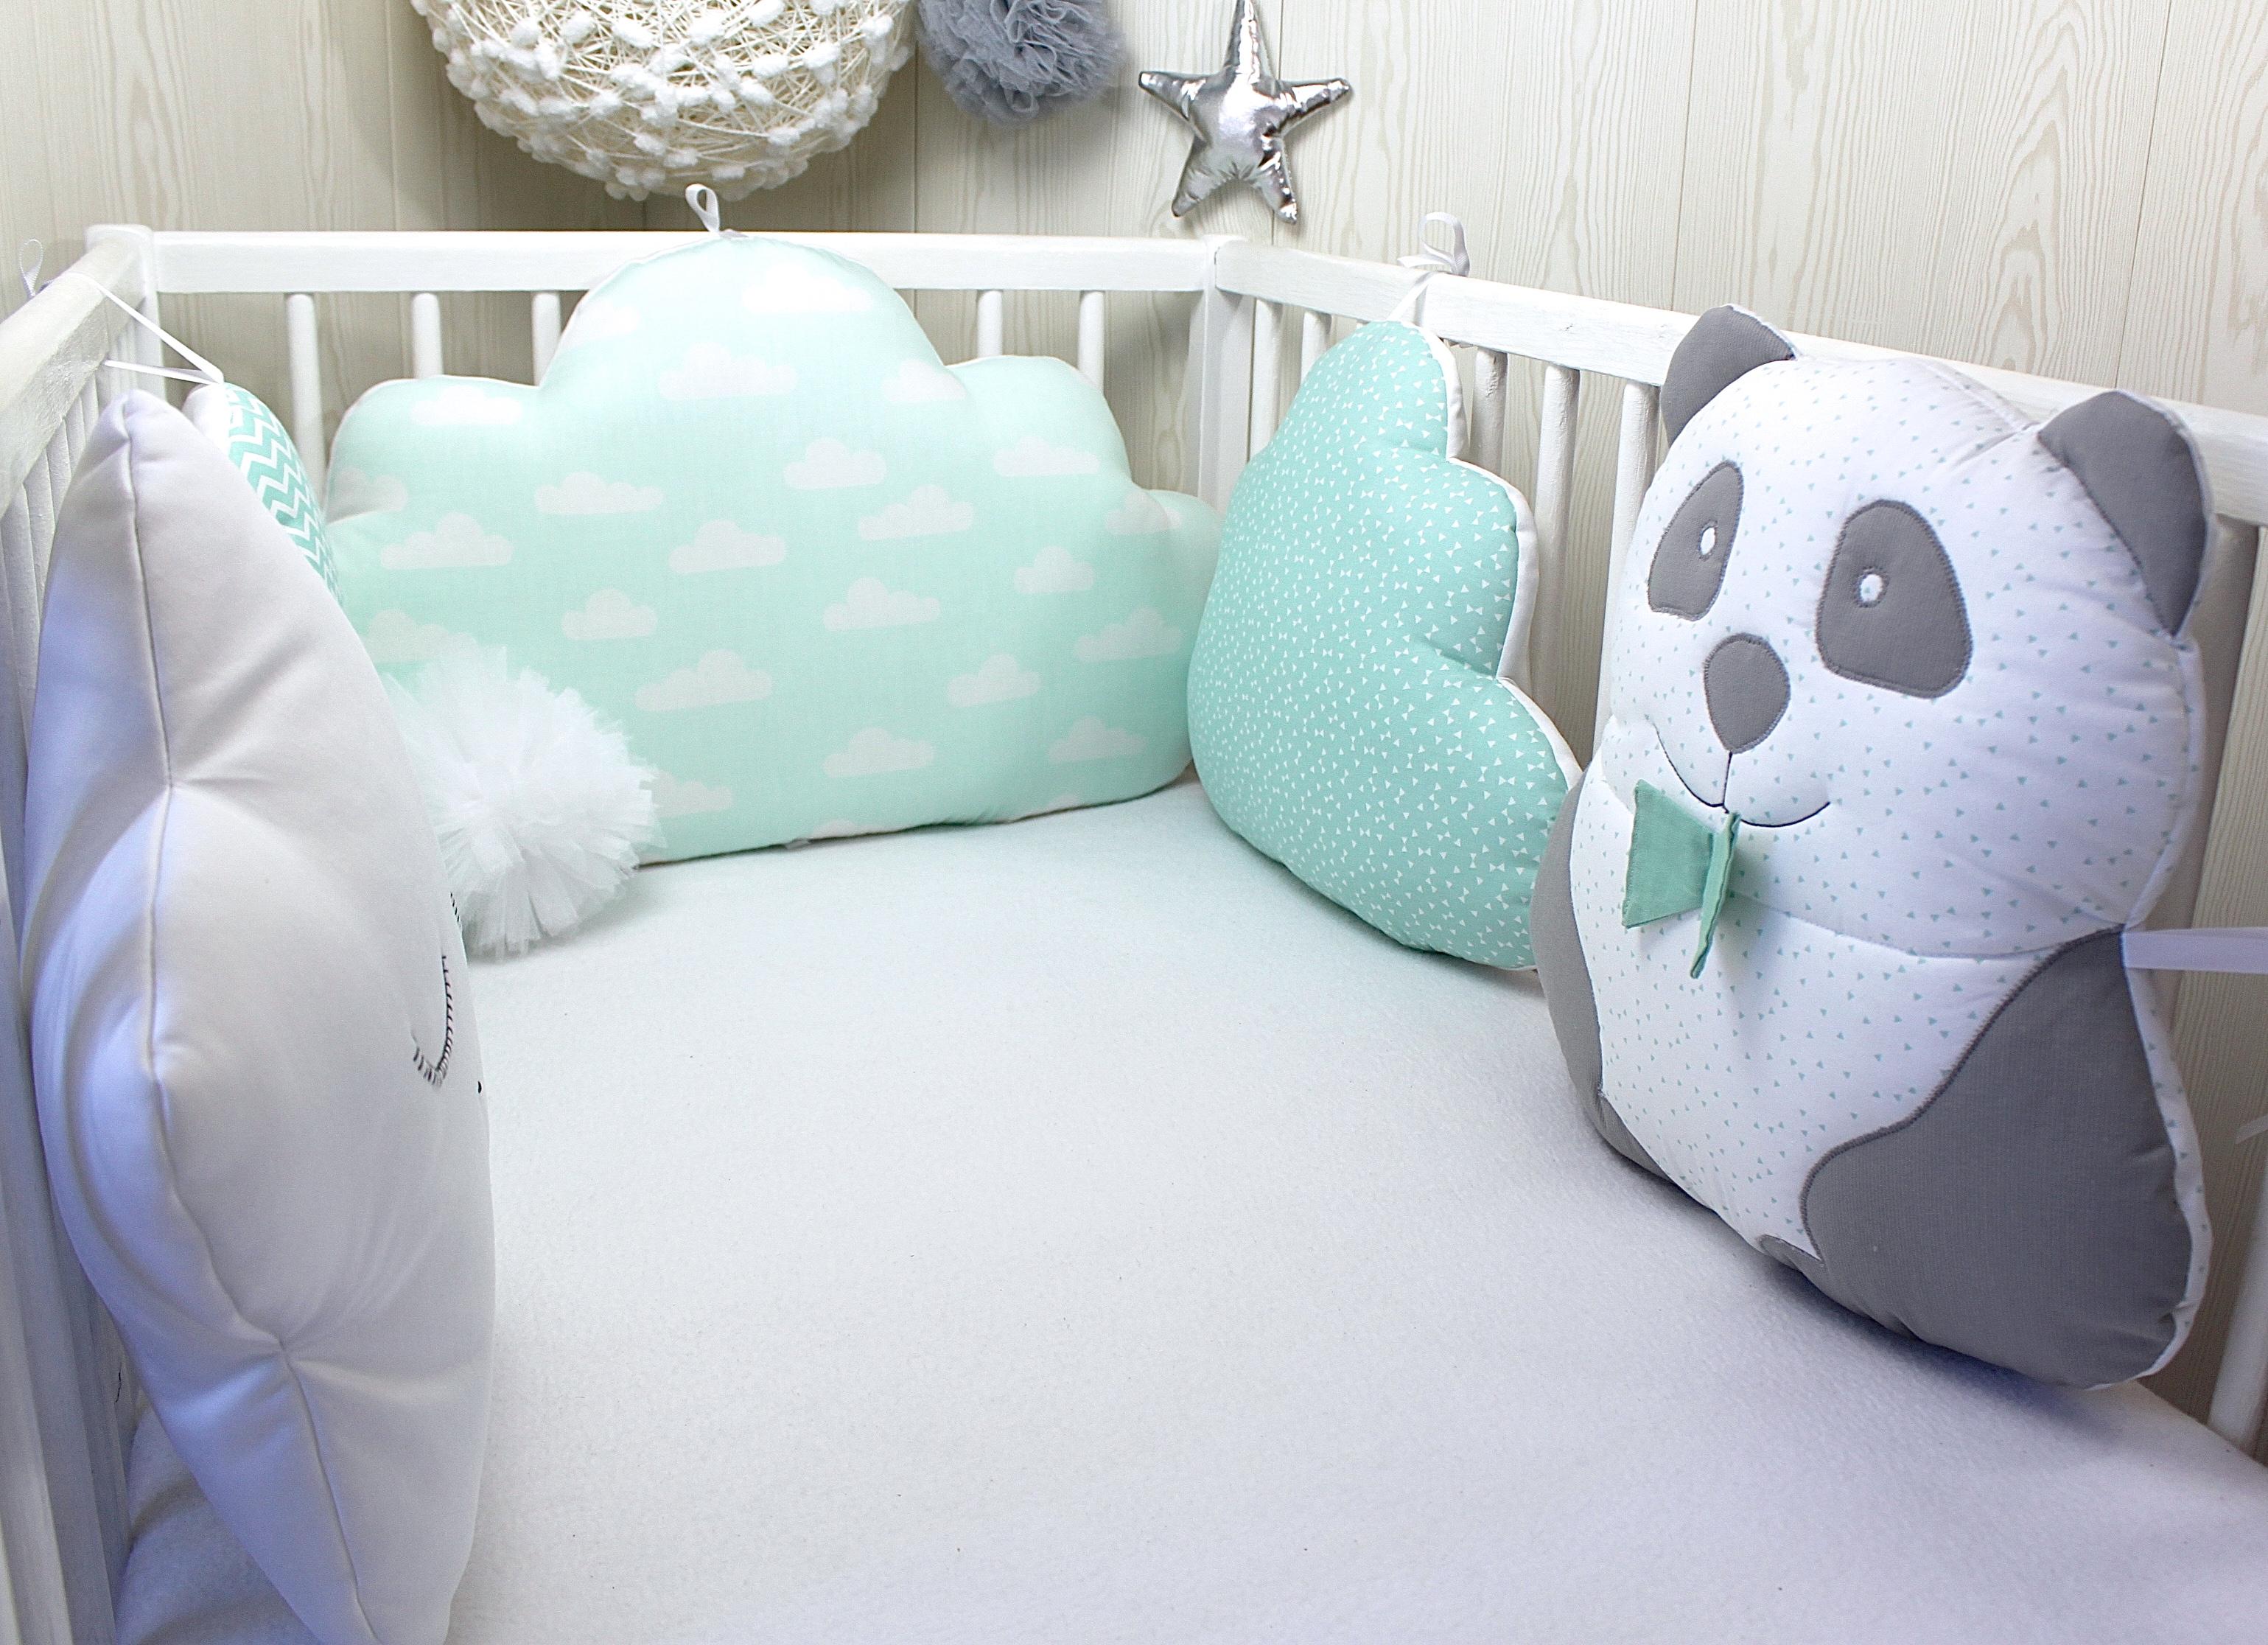 tour de lit b b en 60cm large panda nuage et toile. Black Bedroom Furniture Sets. Home Design Ideas